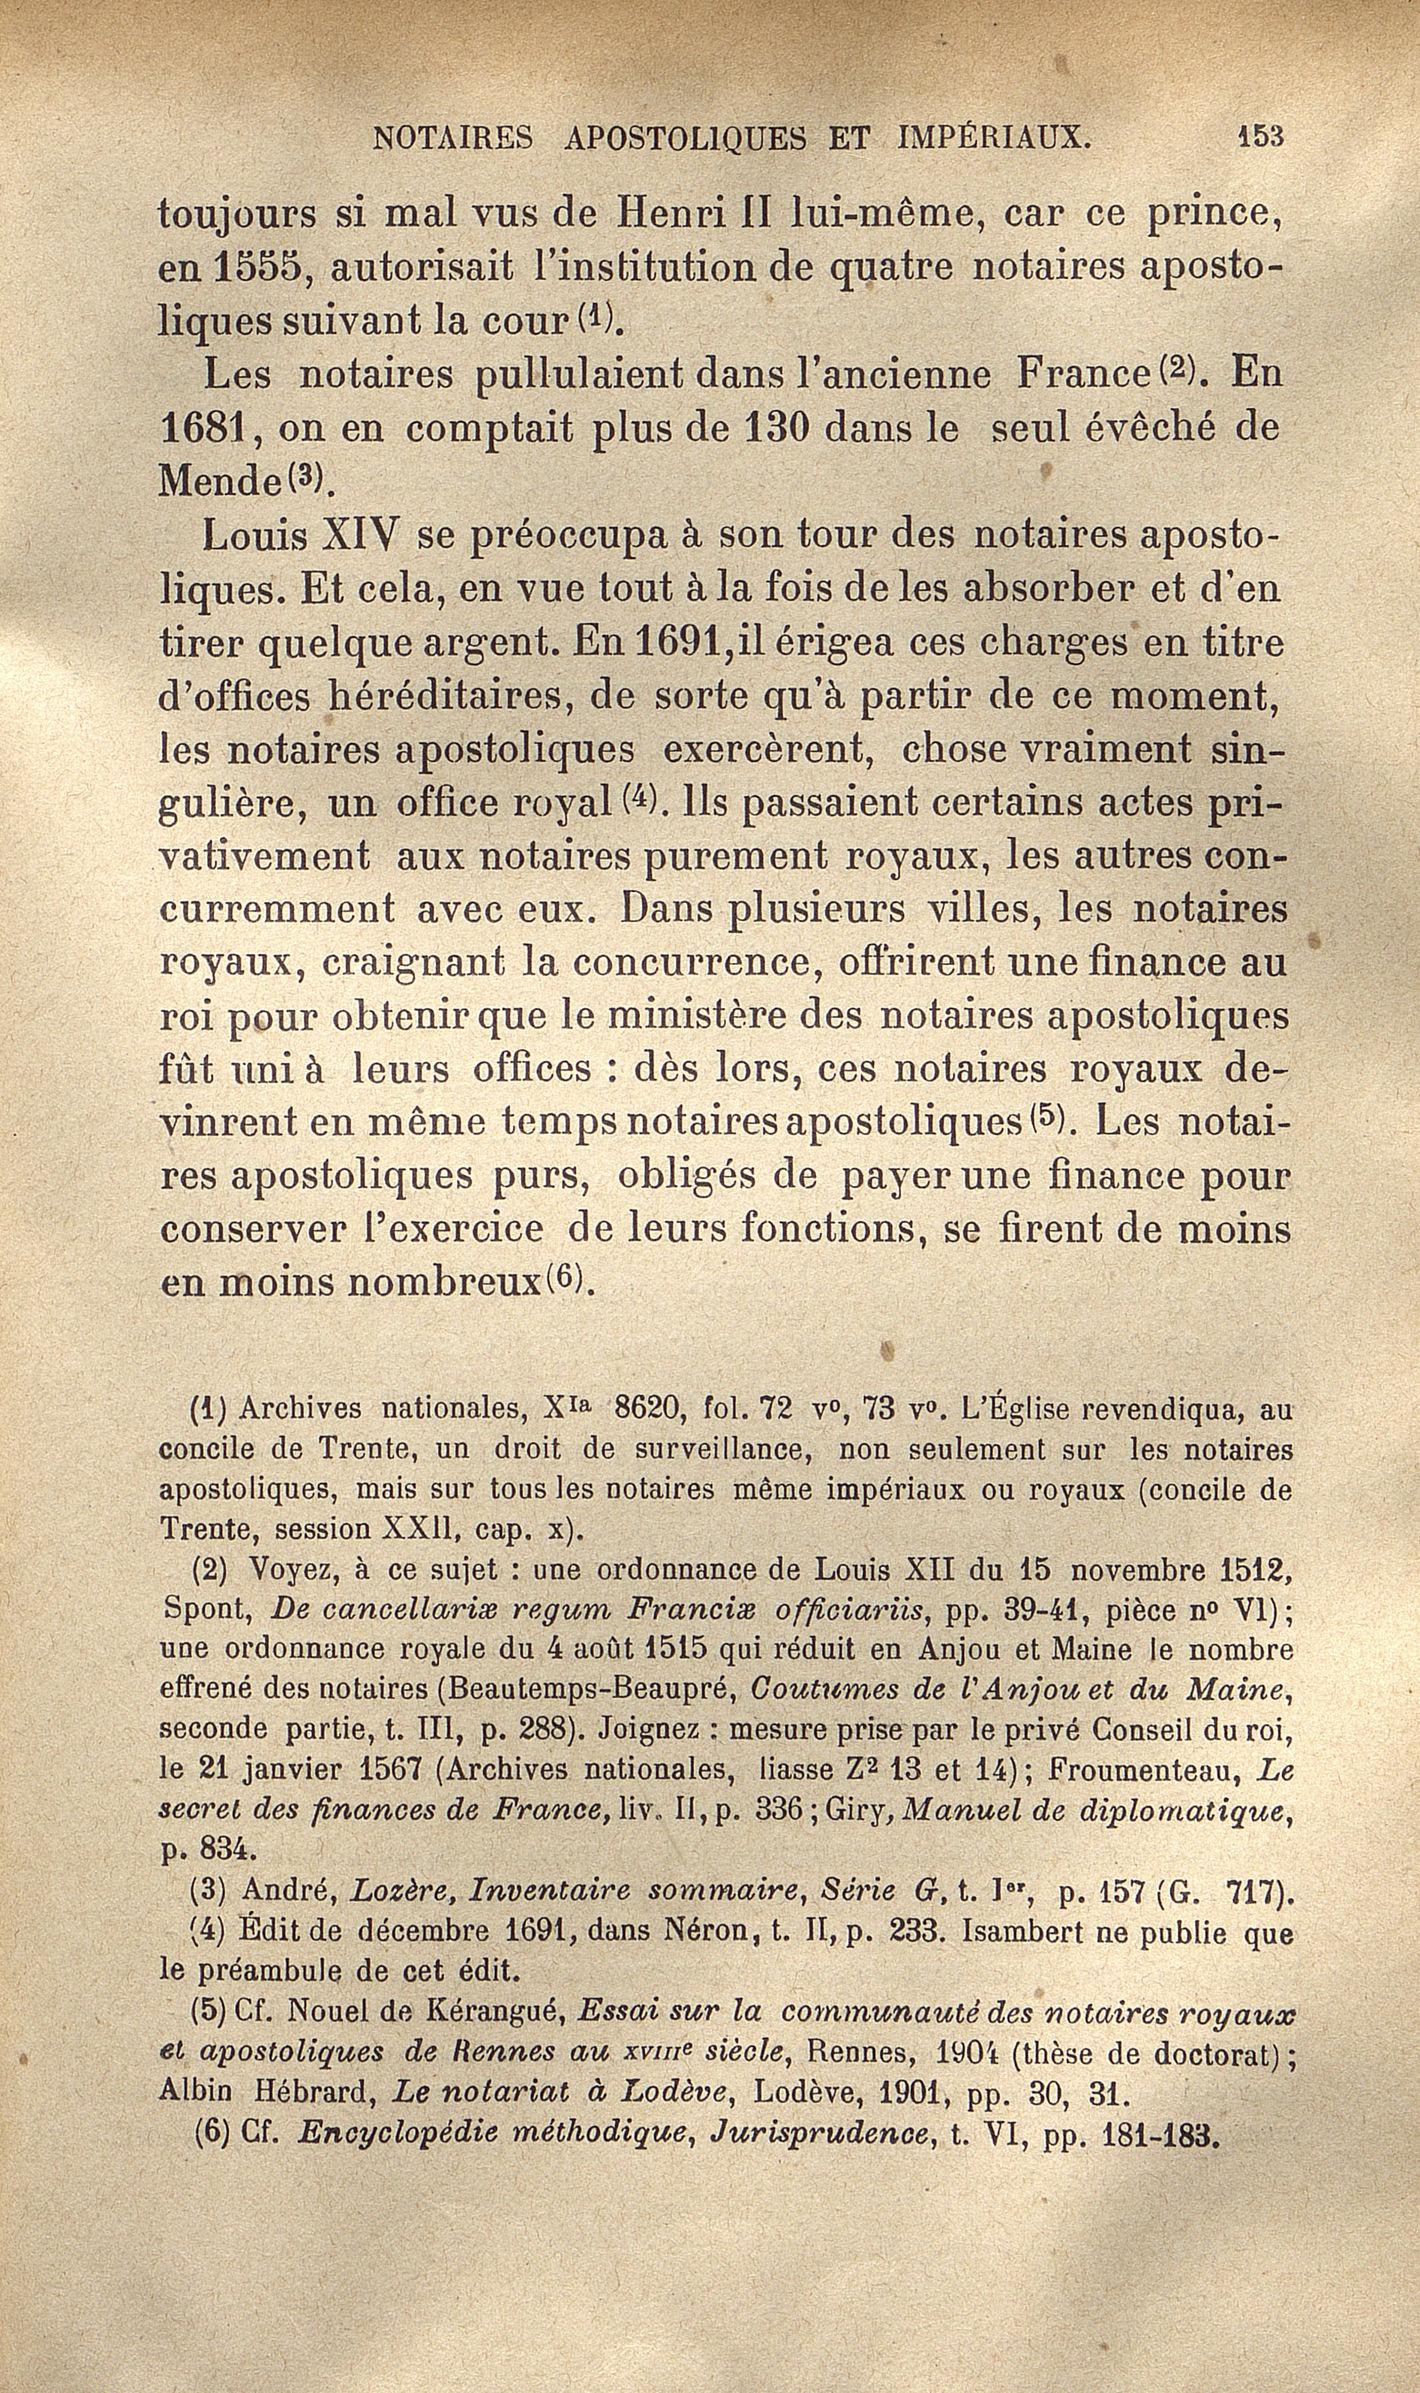 http://expo-paulviollet.univ-paris1.fr/wp-content/uploads/2016/02/0605381272_0167.jpg